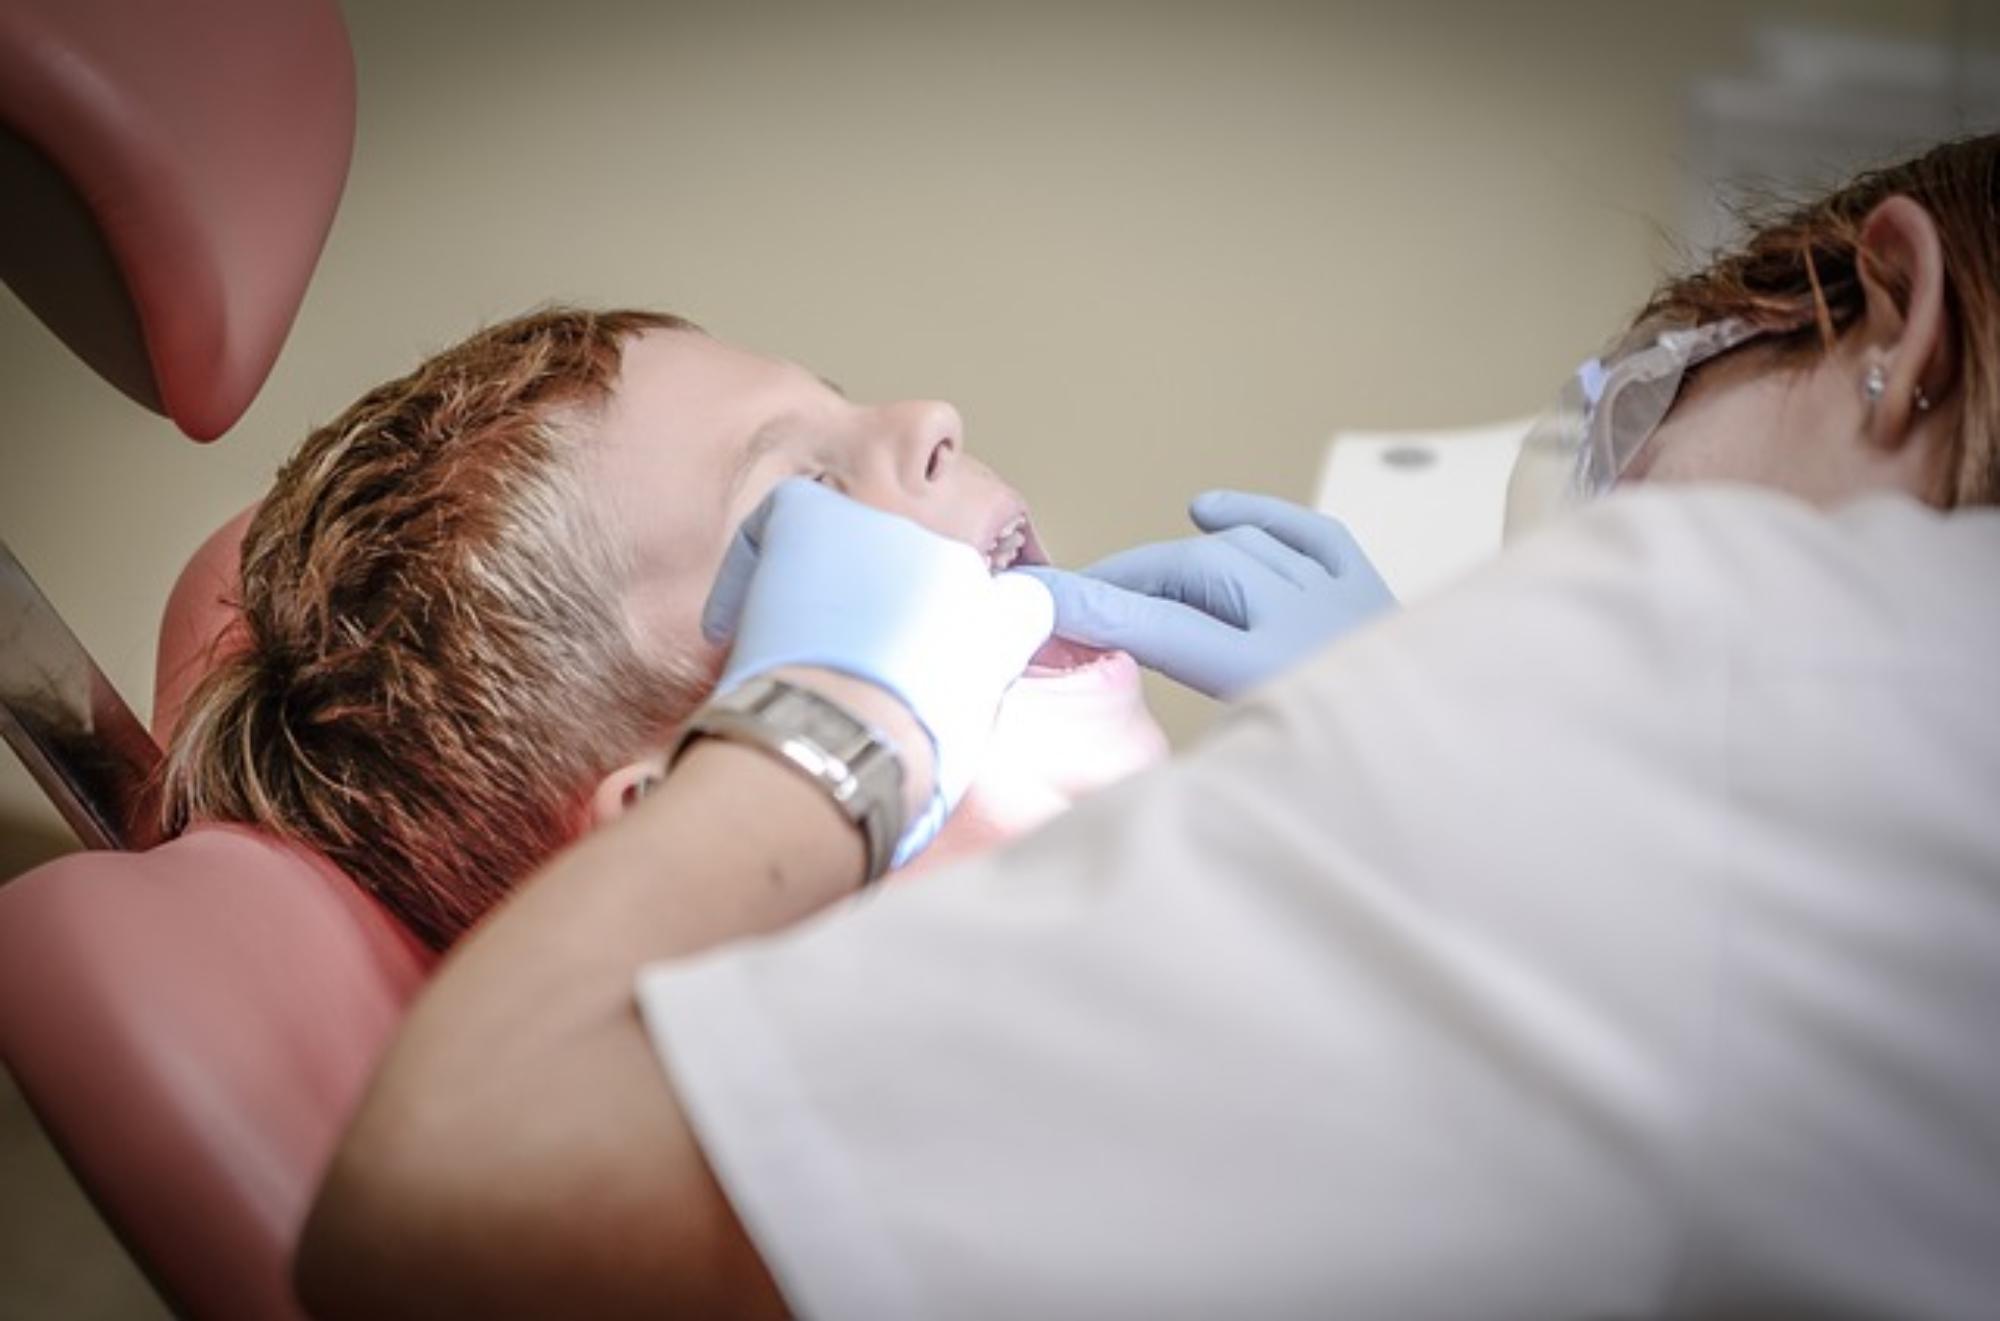 dentysta prywatnie czy na nfz, Lepiej jest udać się do stomatologa prywatnie, czy też na NFZ?